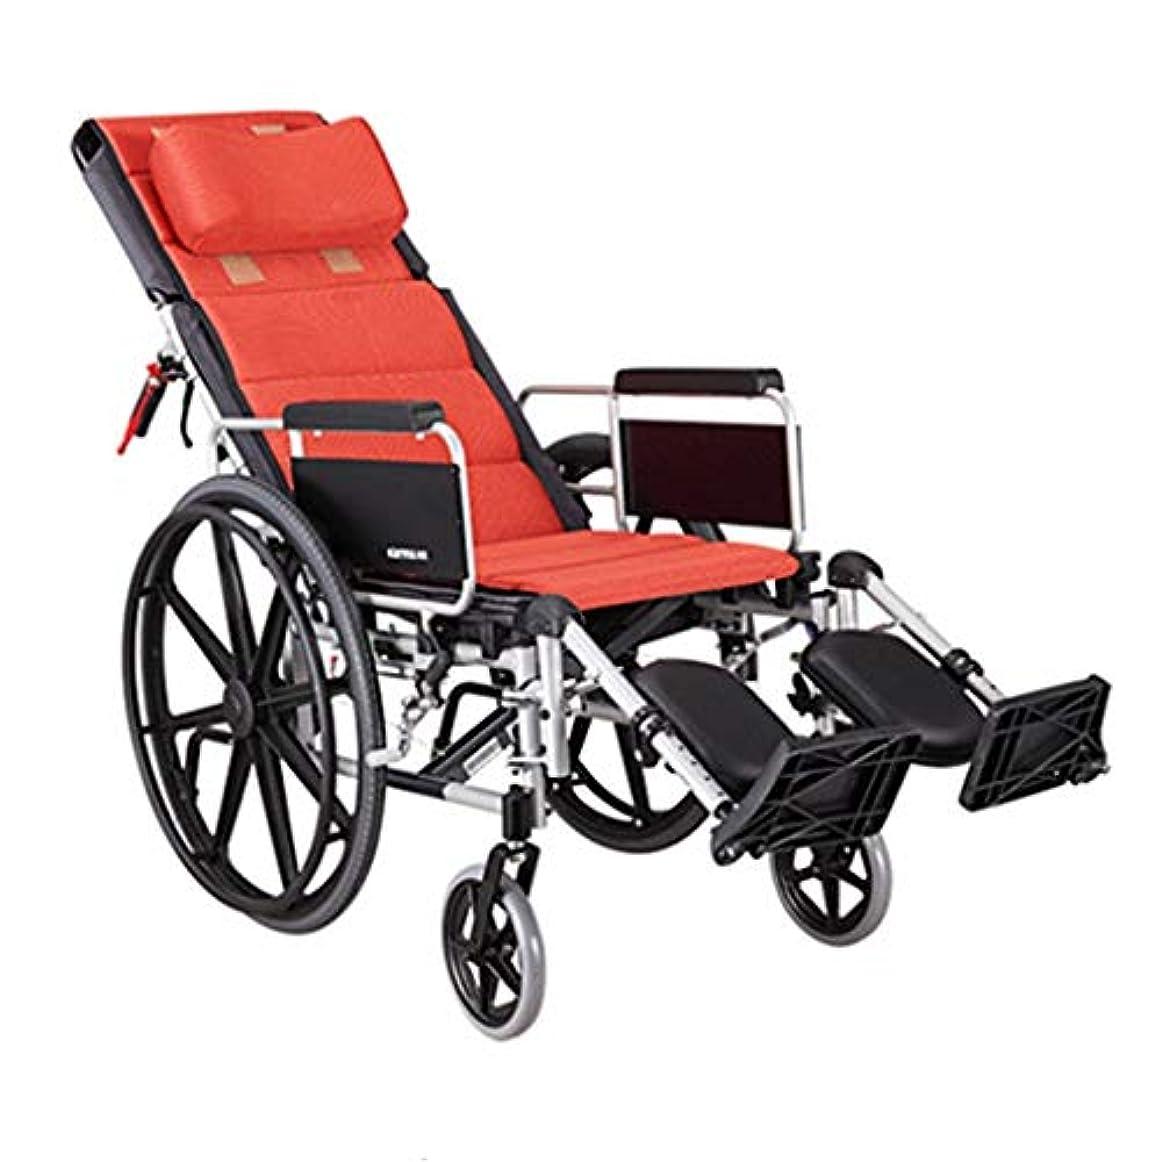 レンズコンテンポラリーアナウンサー高齢者用車椅子折りたたみ式手すり、リアブレーキハンドル機能付き調整可能ペダルソフト手すり